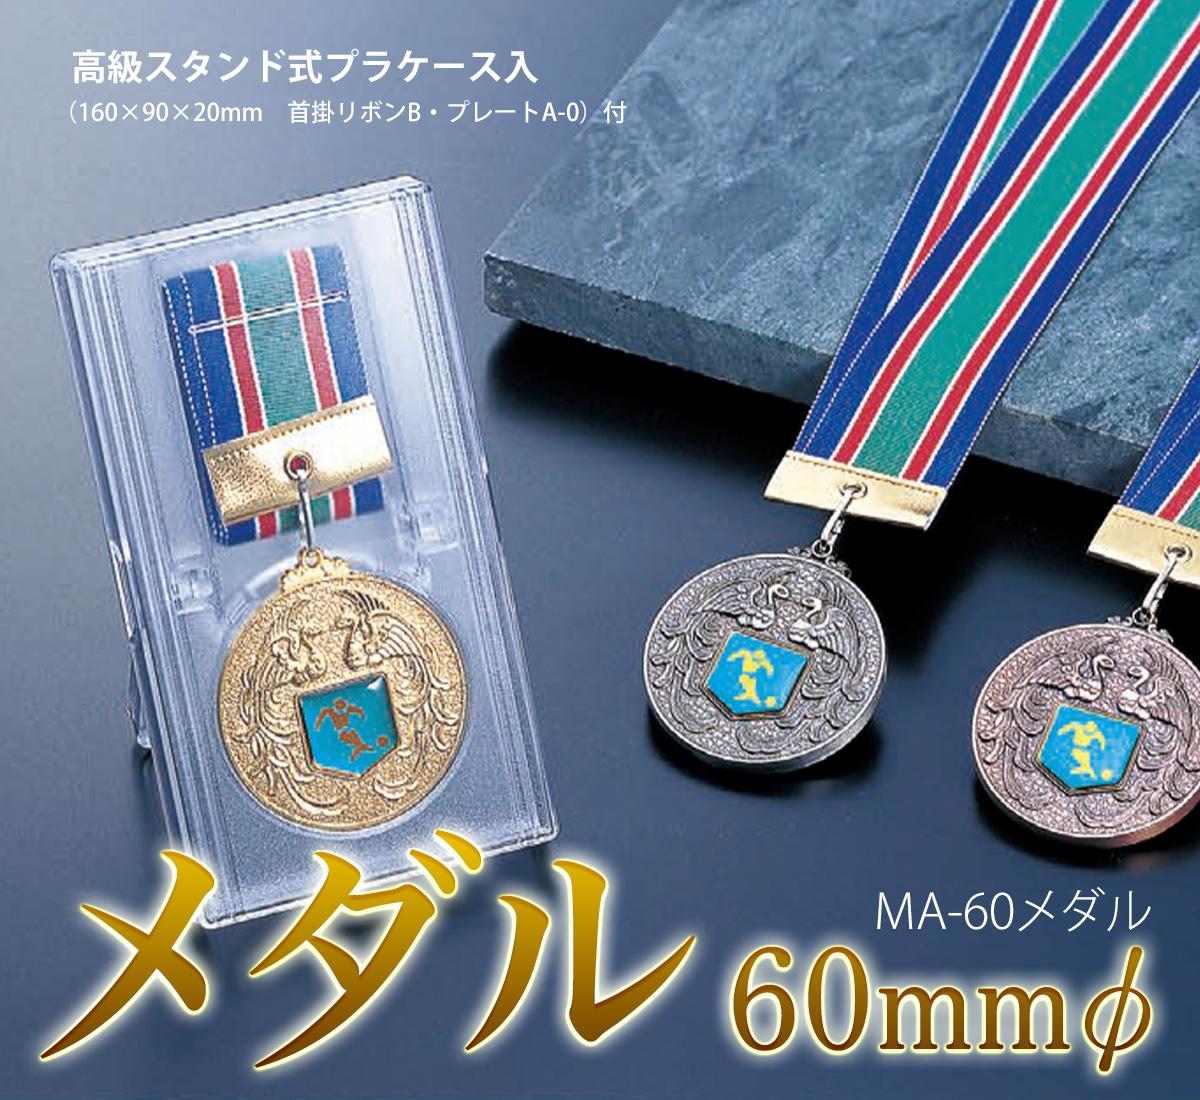 メダル 60mmφ MAメダル画像